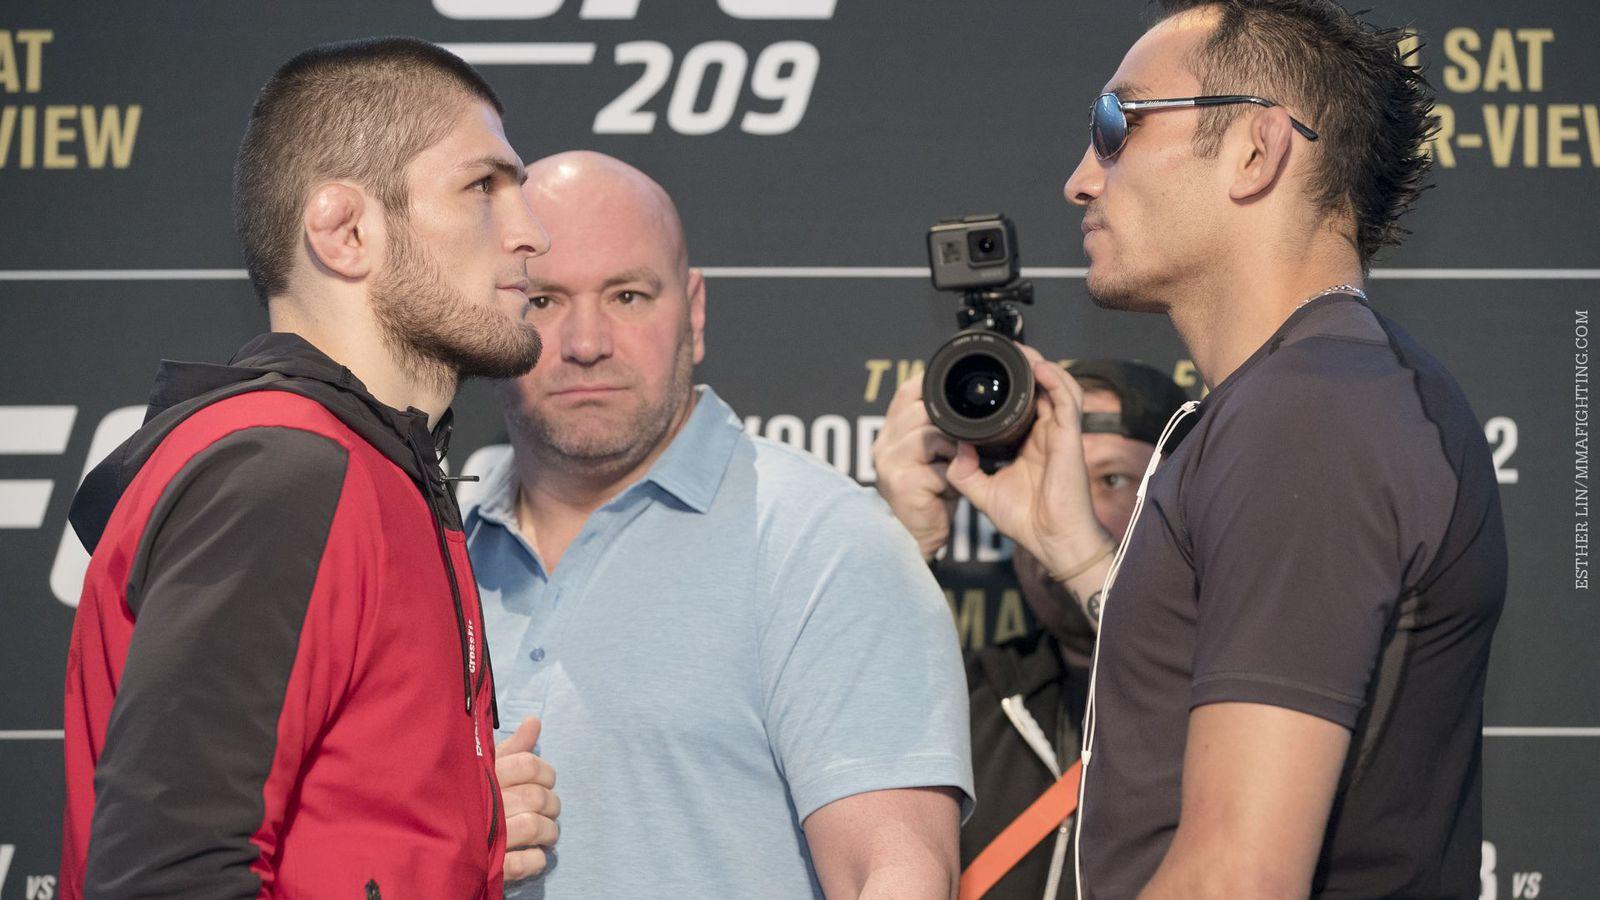 UFCMMA Odds 2019  Best Fighting Odds amp Lines for UFCMMA